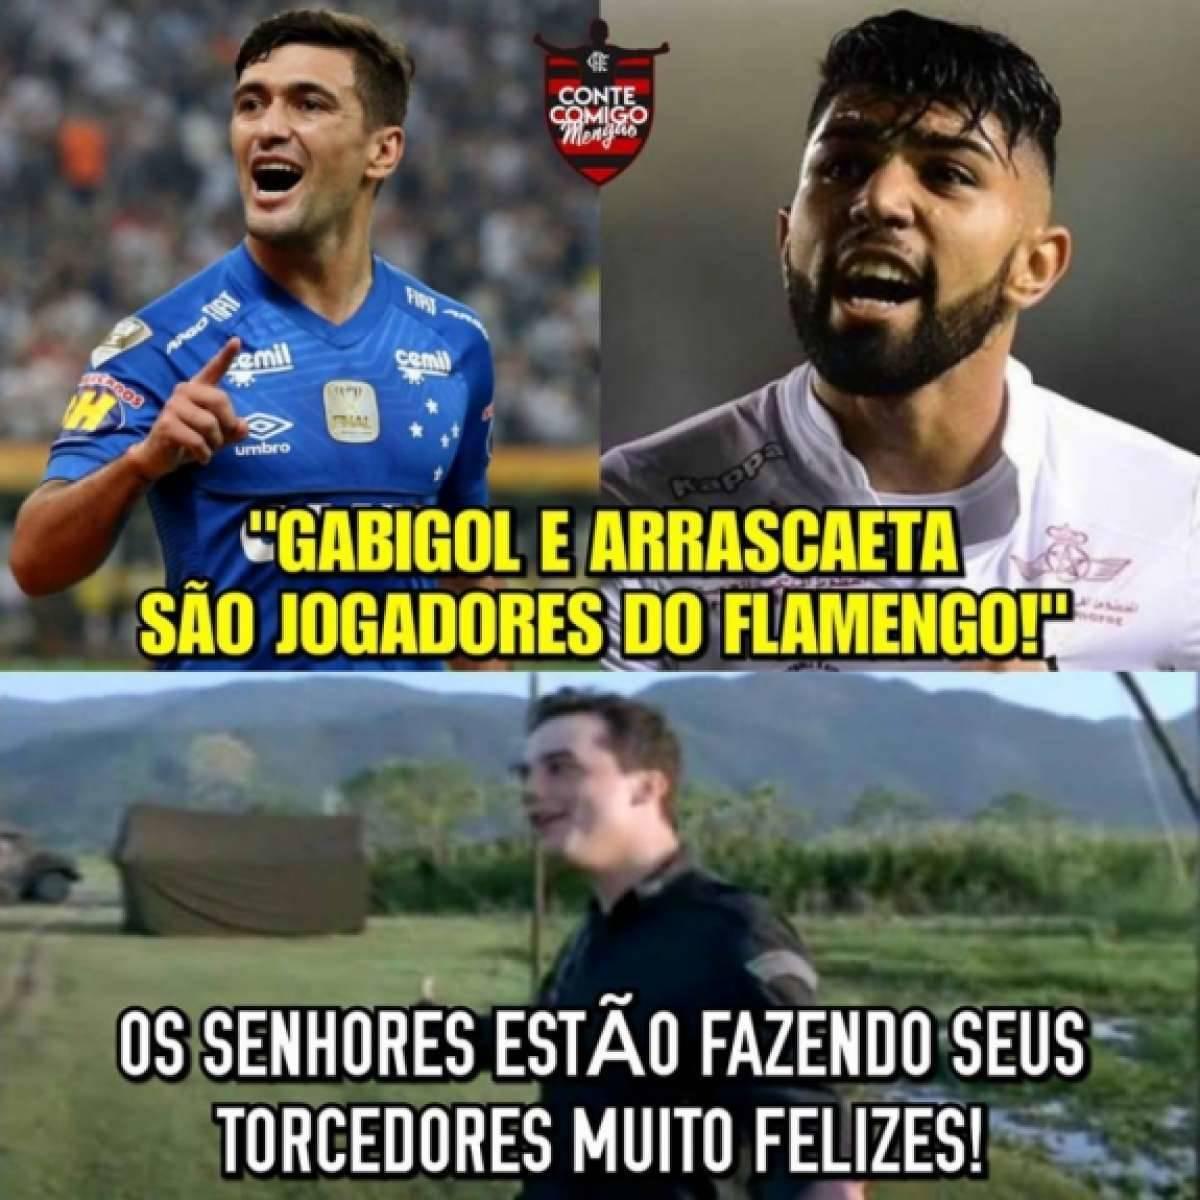 96f1e7df2c Torcida do Flamengo encheu a Internet de memes Reprodução Internet.  Torcedores do Flamengo fazem memes para comemorar vitória Reprodução